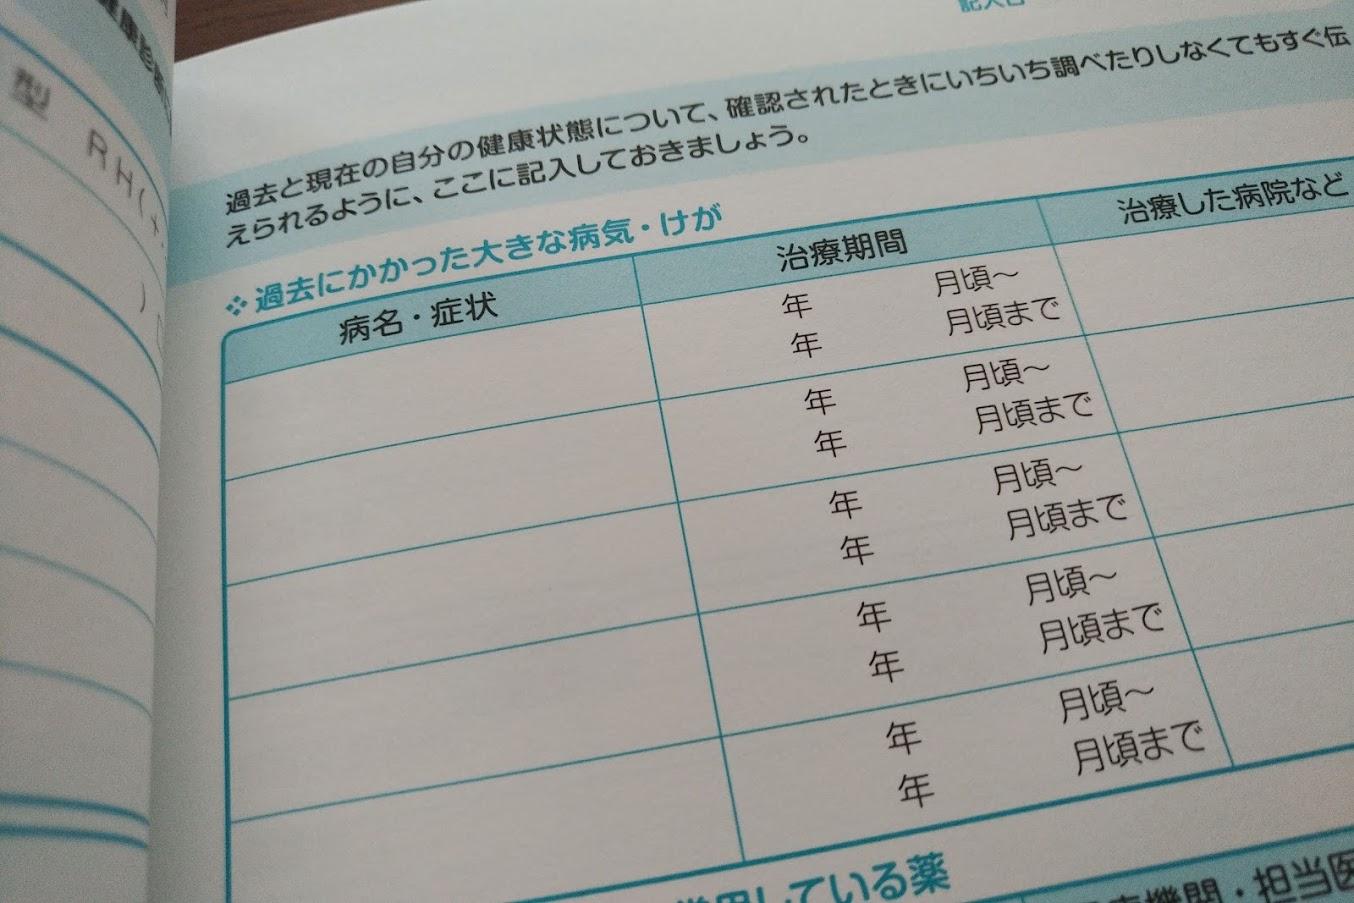 エンディングノート病歴